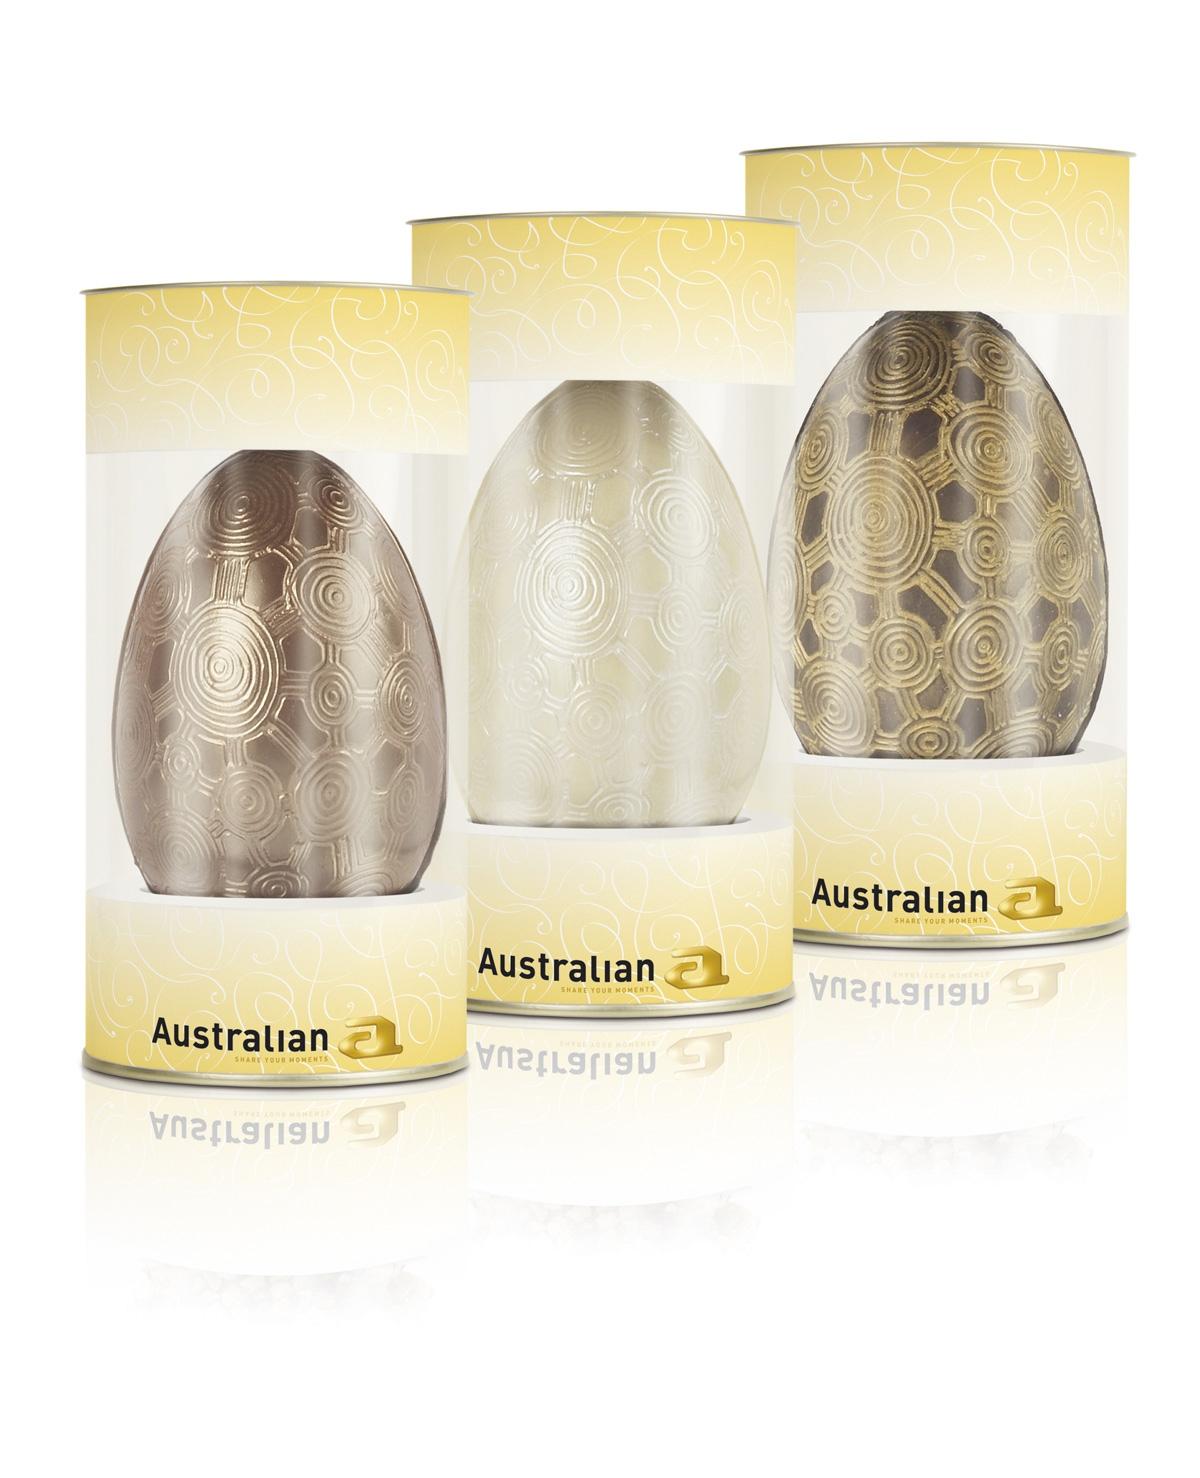 Win een Australian Egg